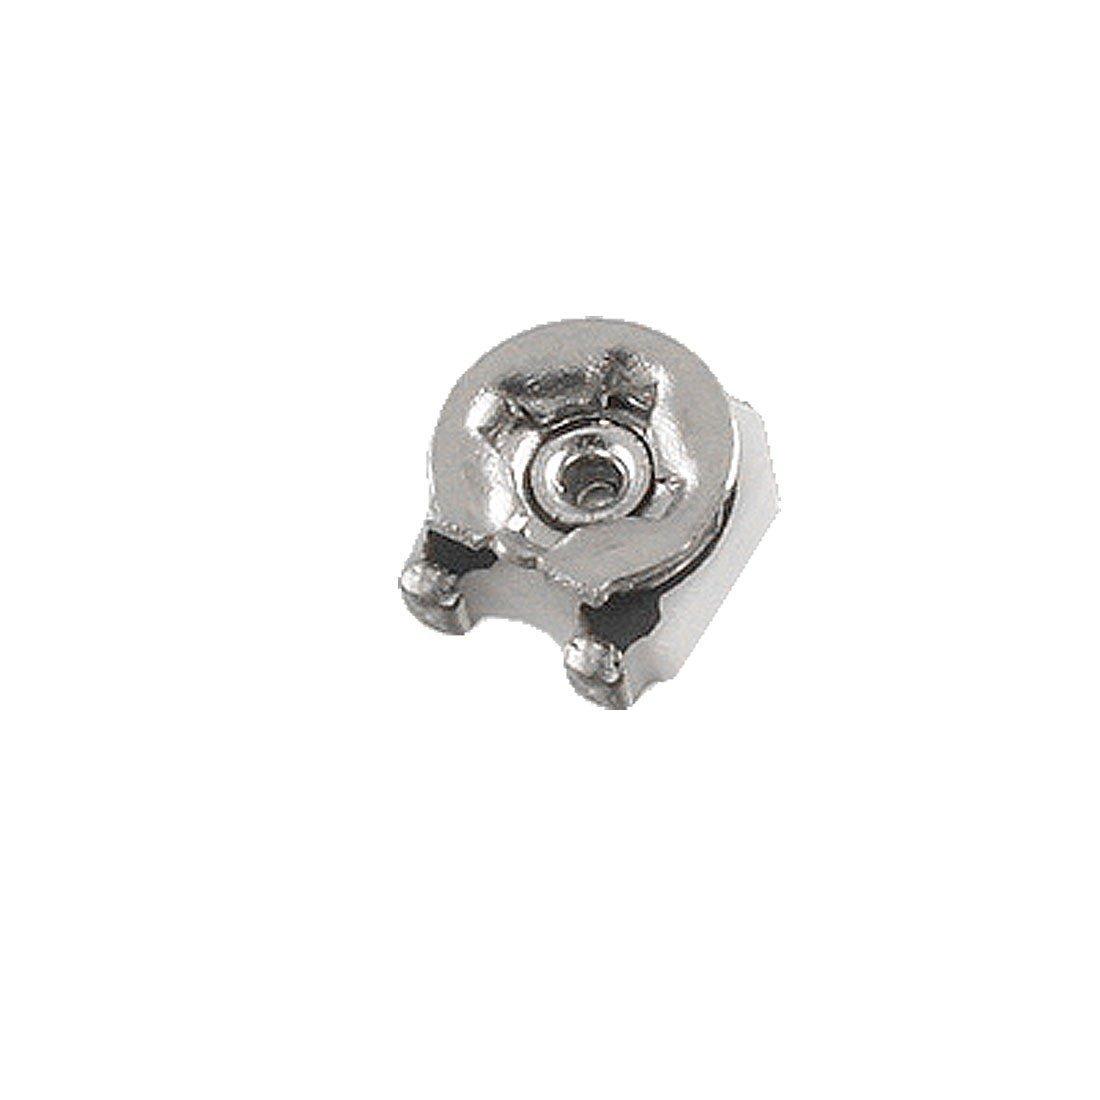 SMD Single Turn Potentiometer Trimmer Adjustable Resistance